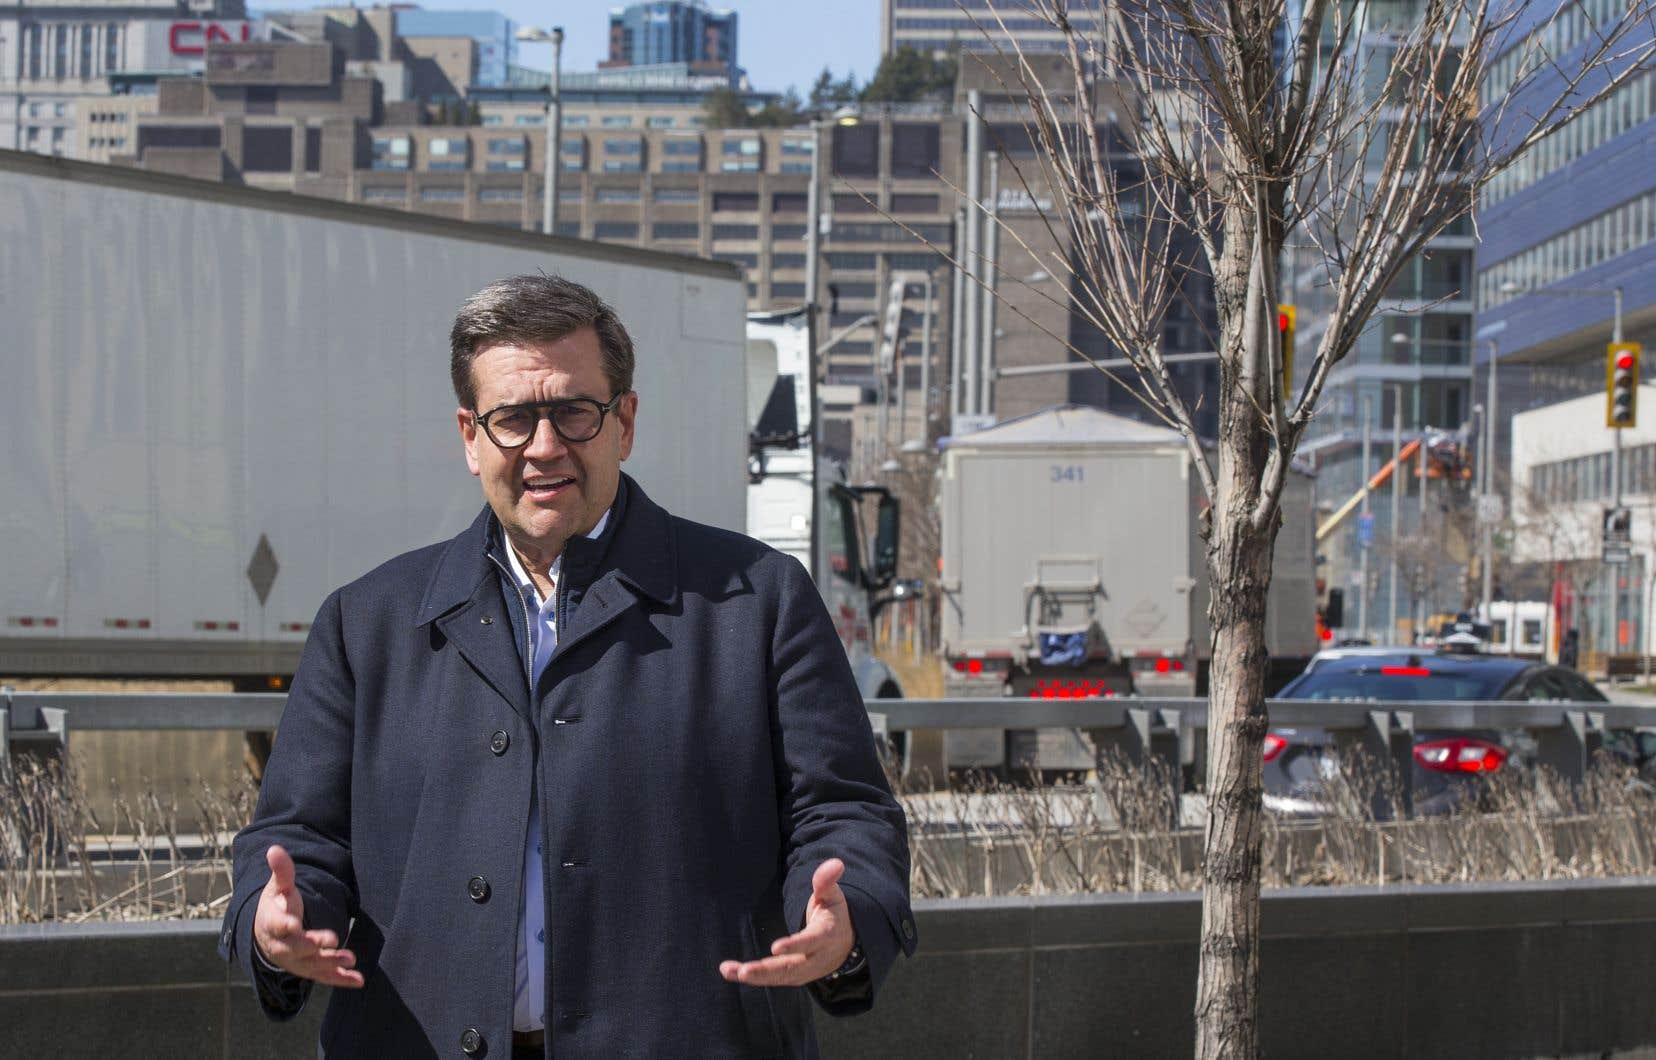 Denis Coderre a dit comprendre que les Montréalais n'aient pas envie de restrictions supplémentaires après s'être pliés aux règles sanitaires pendant plus d'un an.